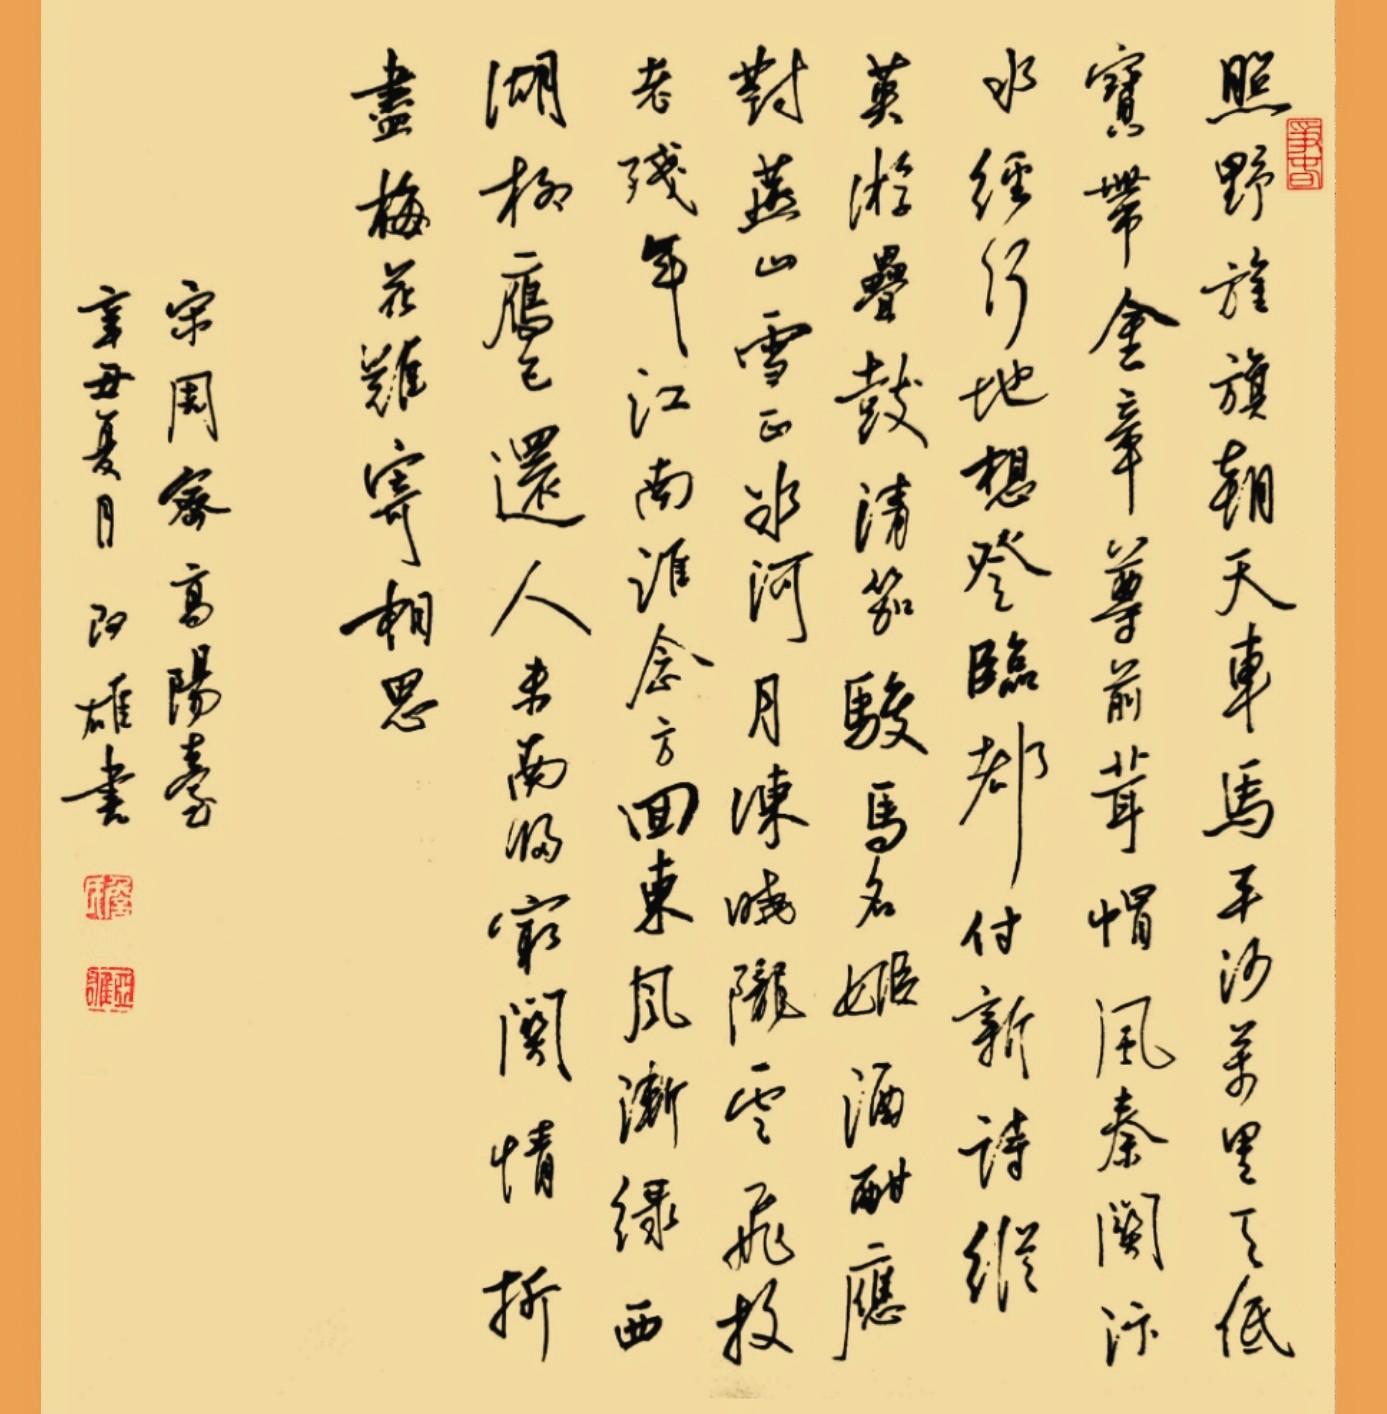 钢笔书法练字打卡20210525-01